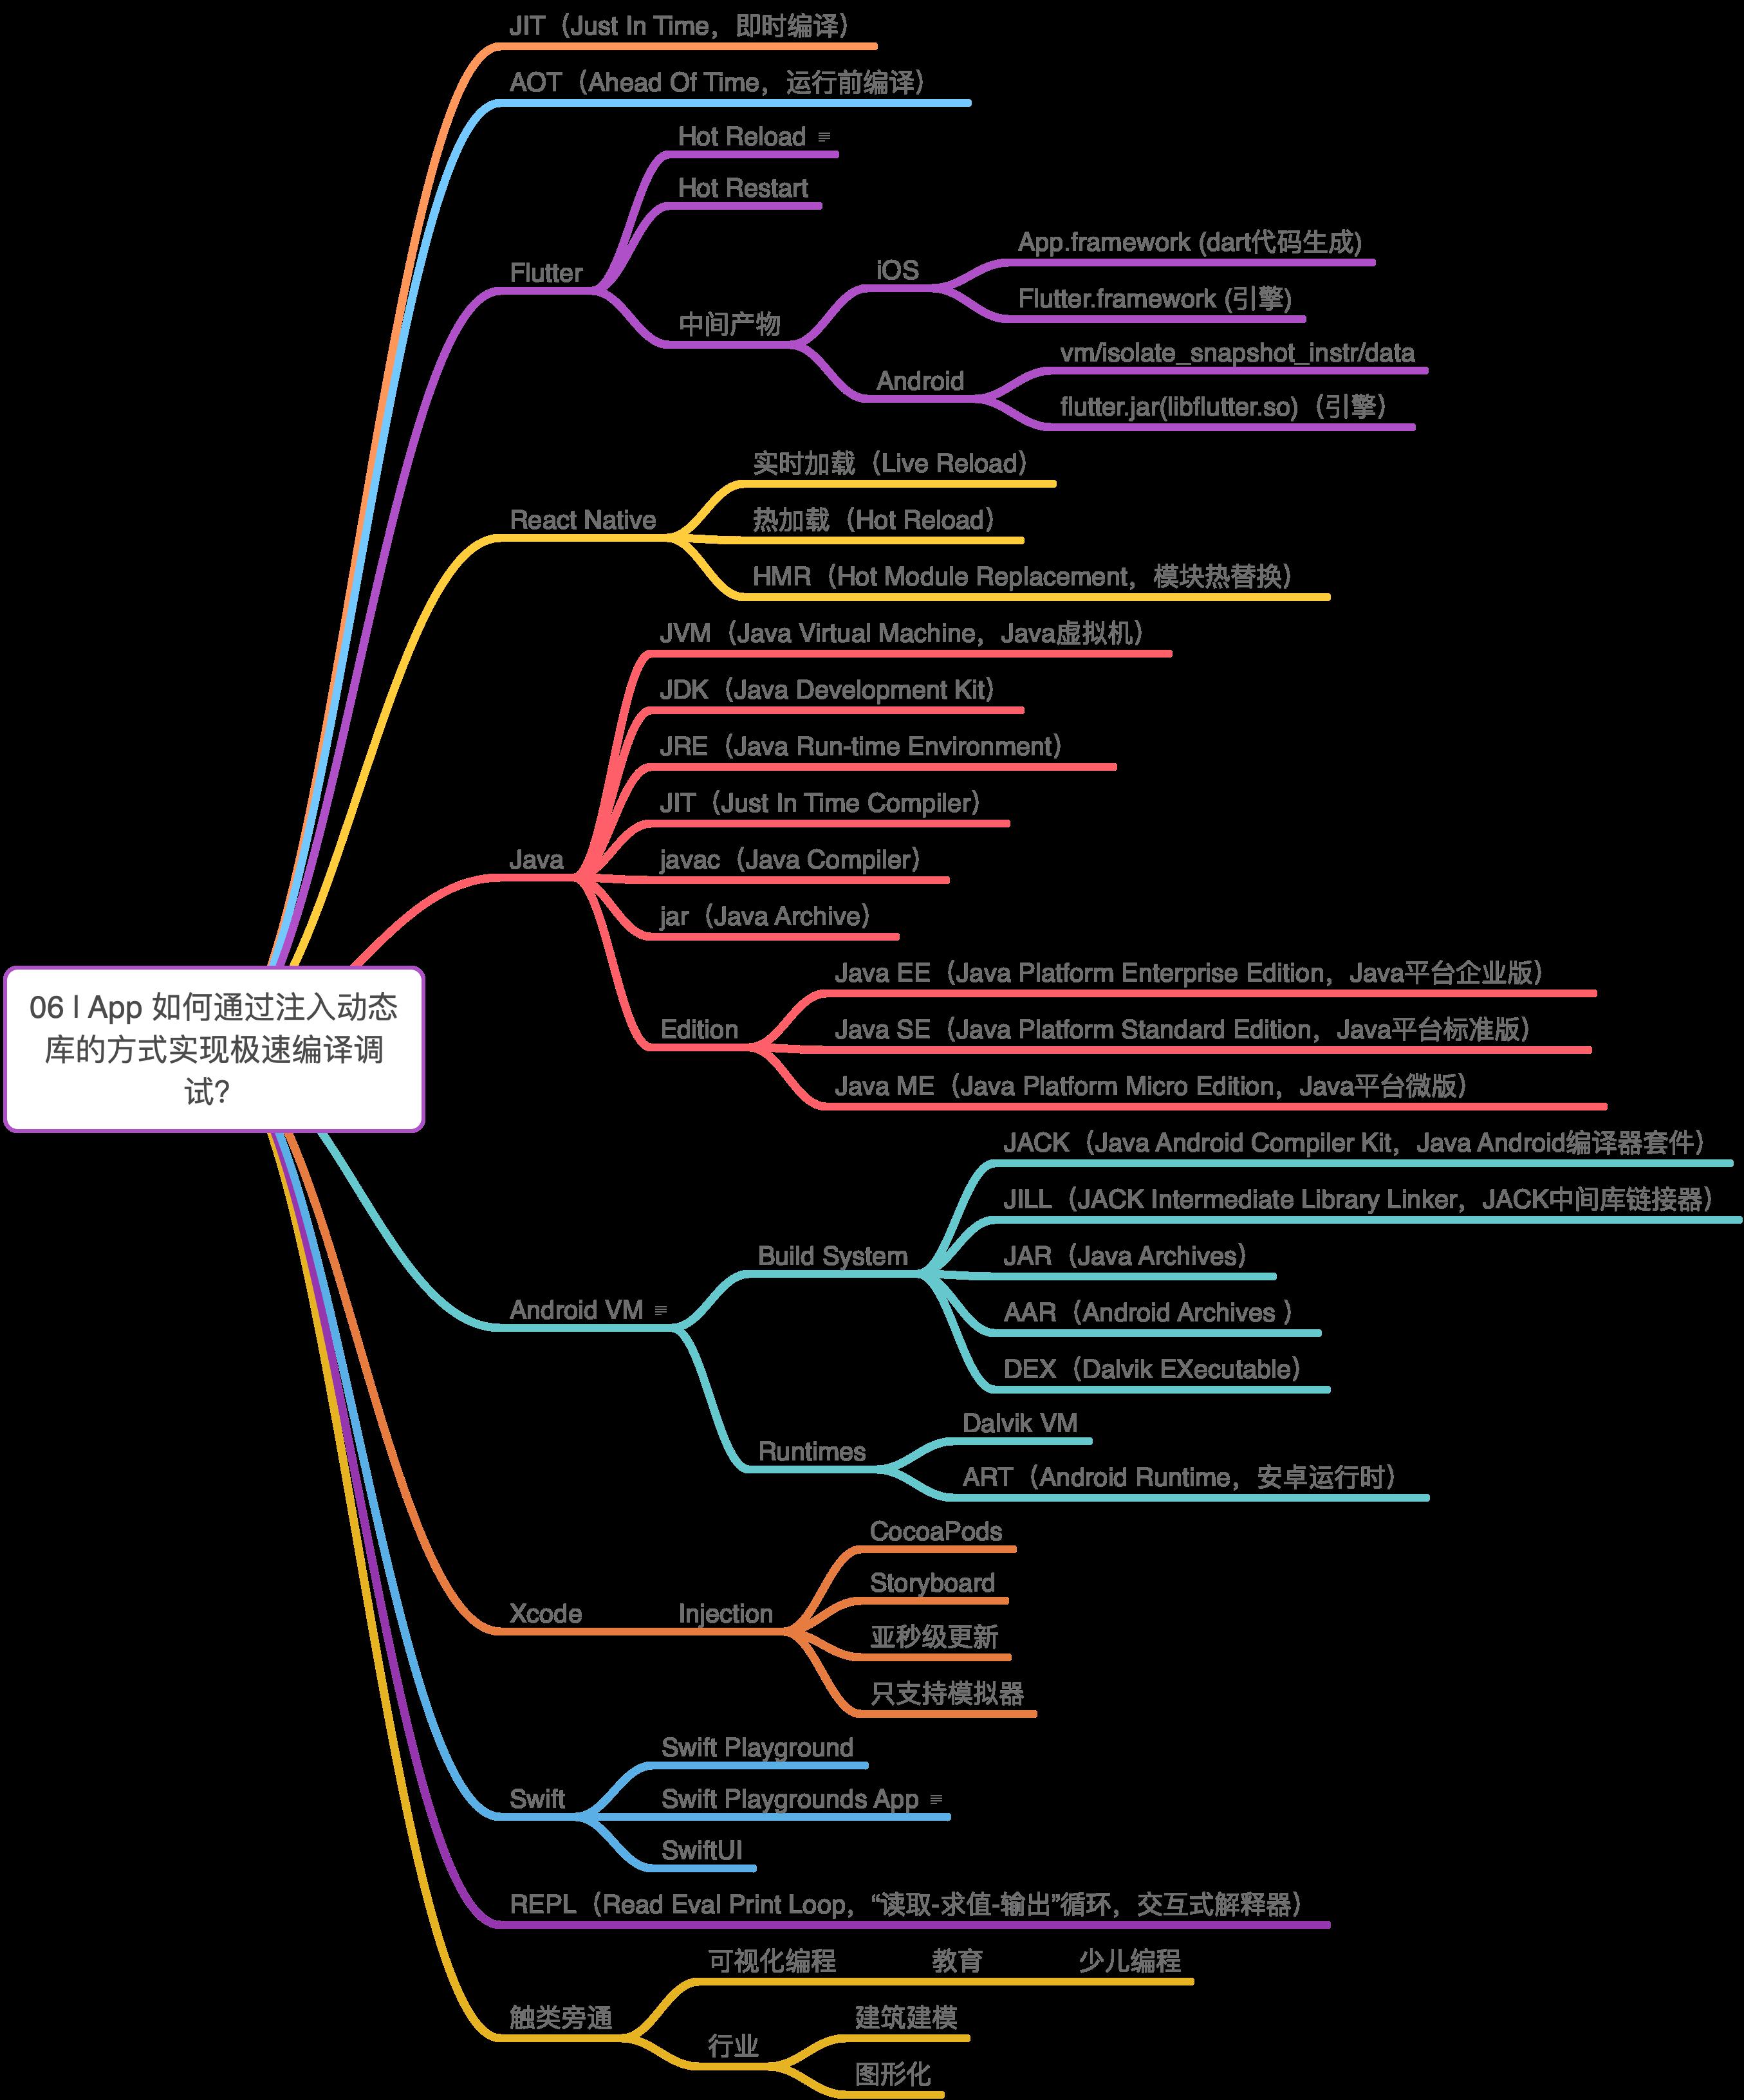 iOS开发高手课-06-App如何通过注入动态库的方式实现极速编译调试?.png